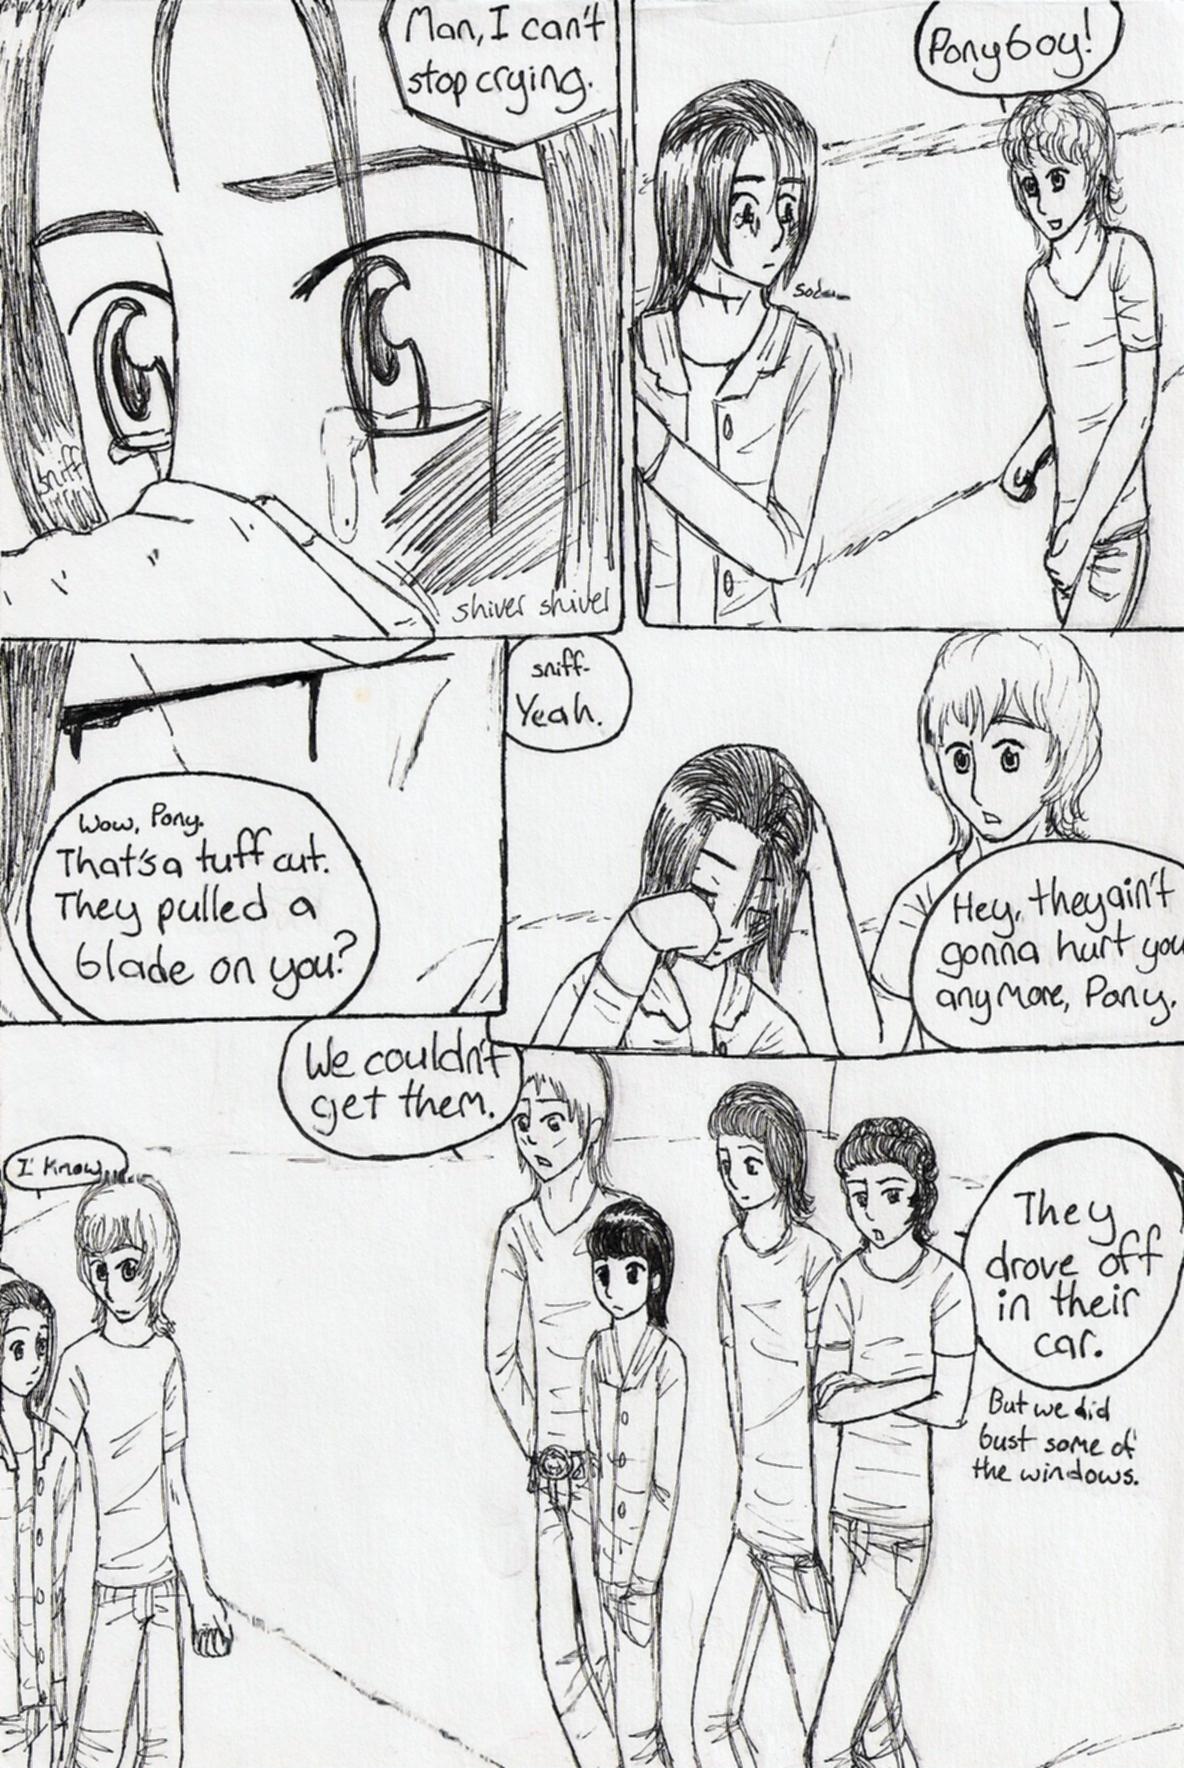 Outsiders Comic 6 by tilt5000